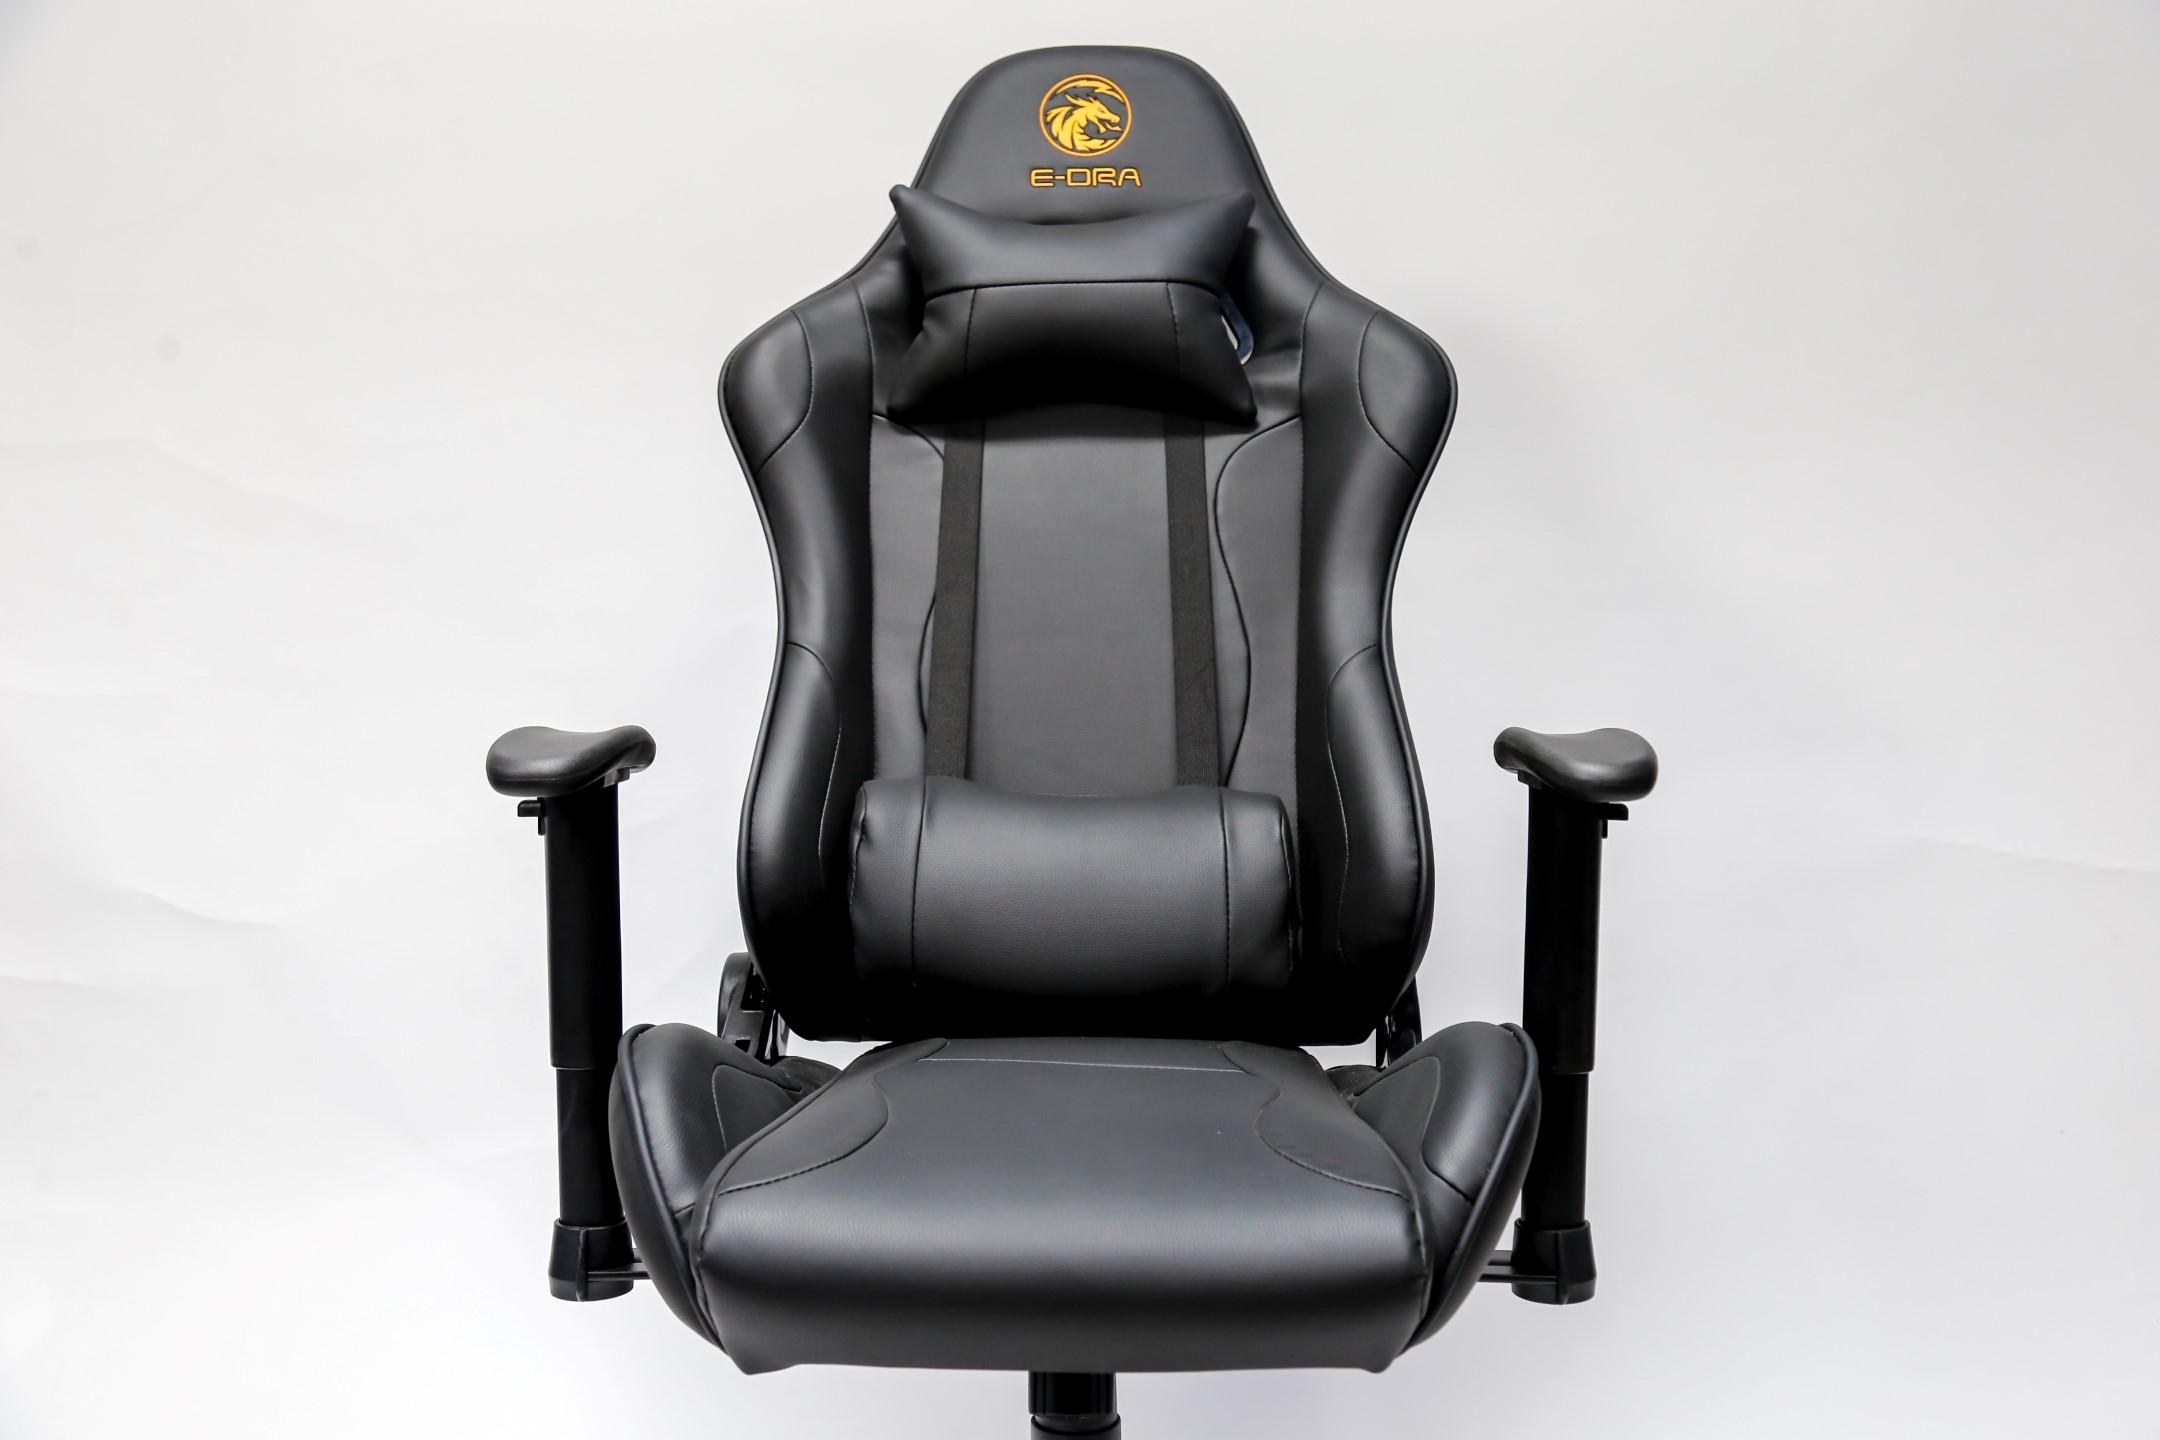 Ghế Game E-Dra Mars EGC202 Pink trang bị chân ghế chắc chắn